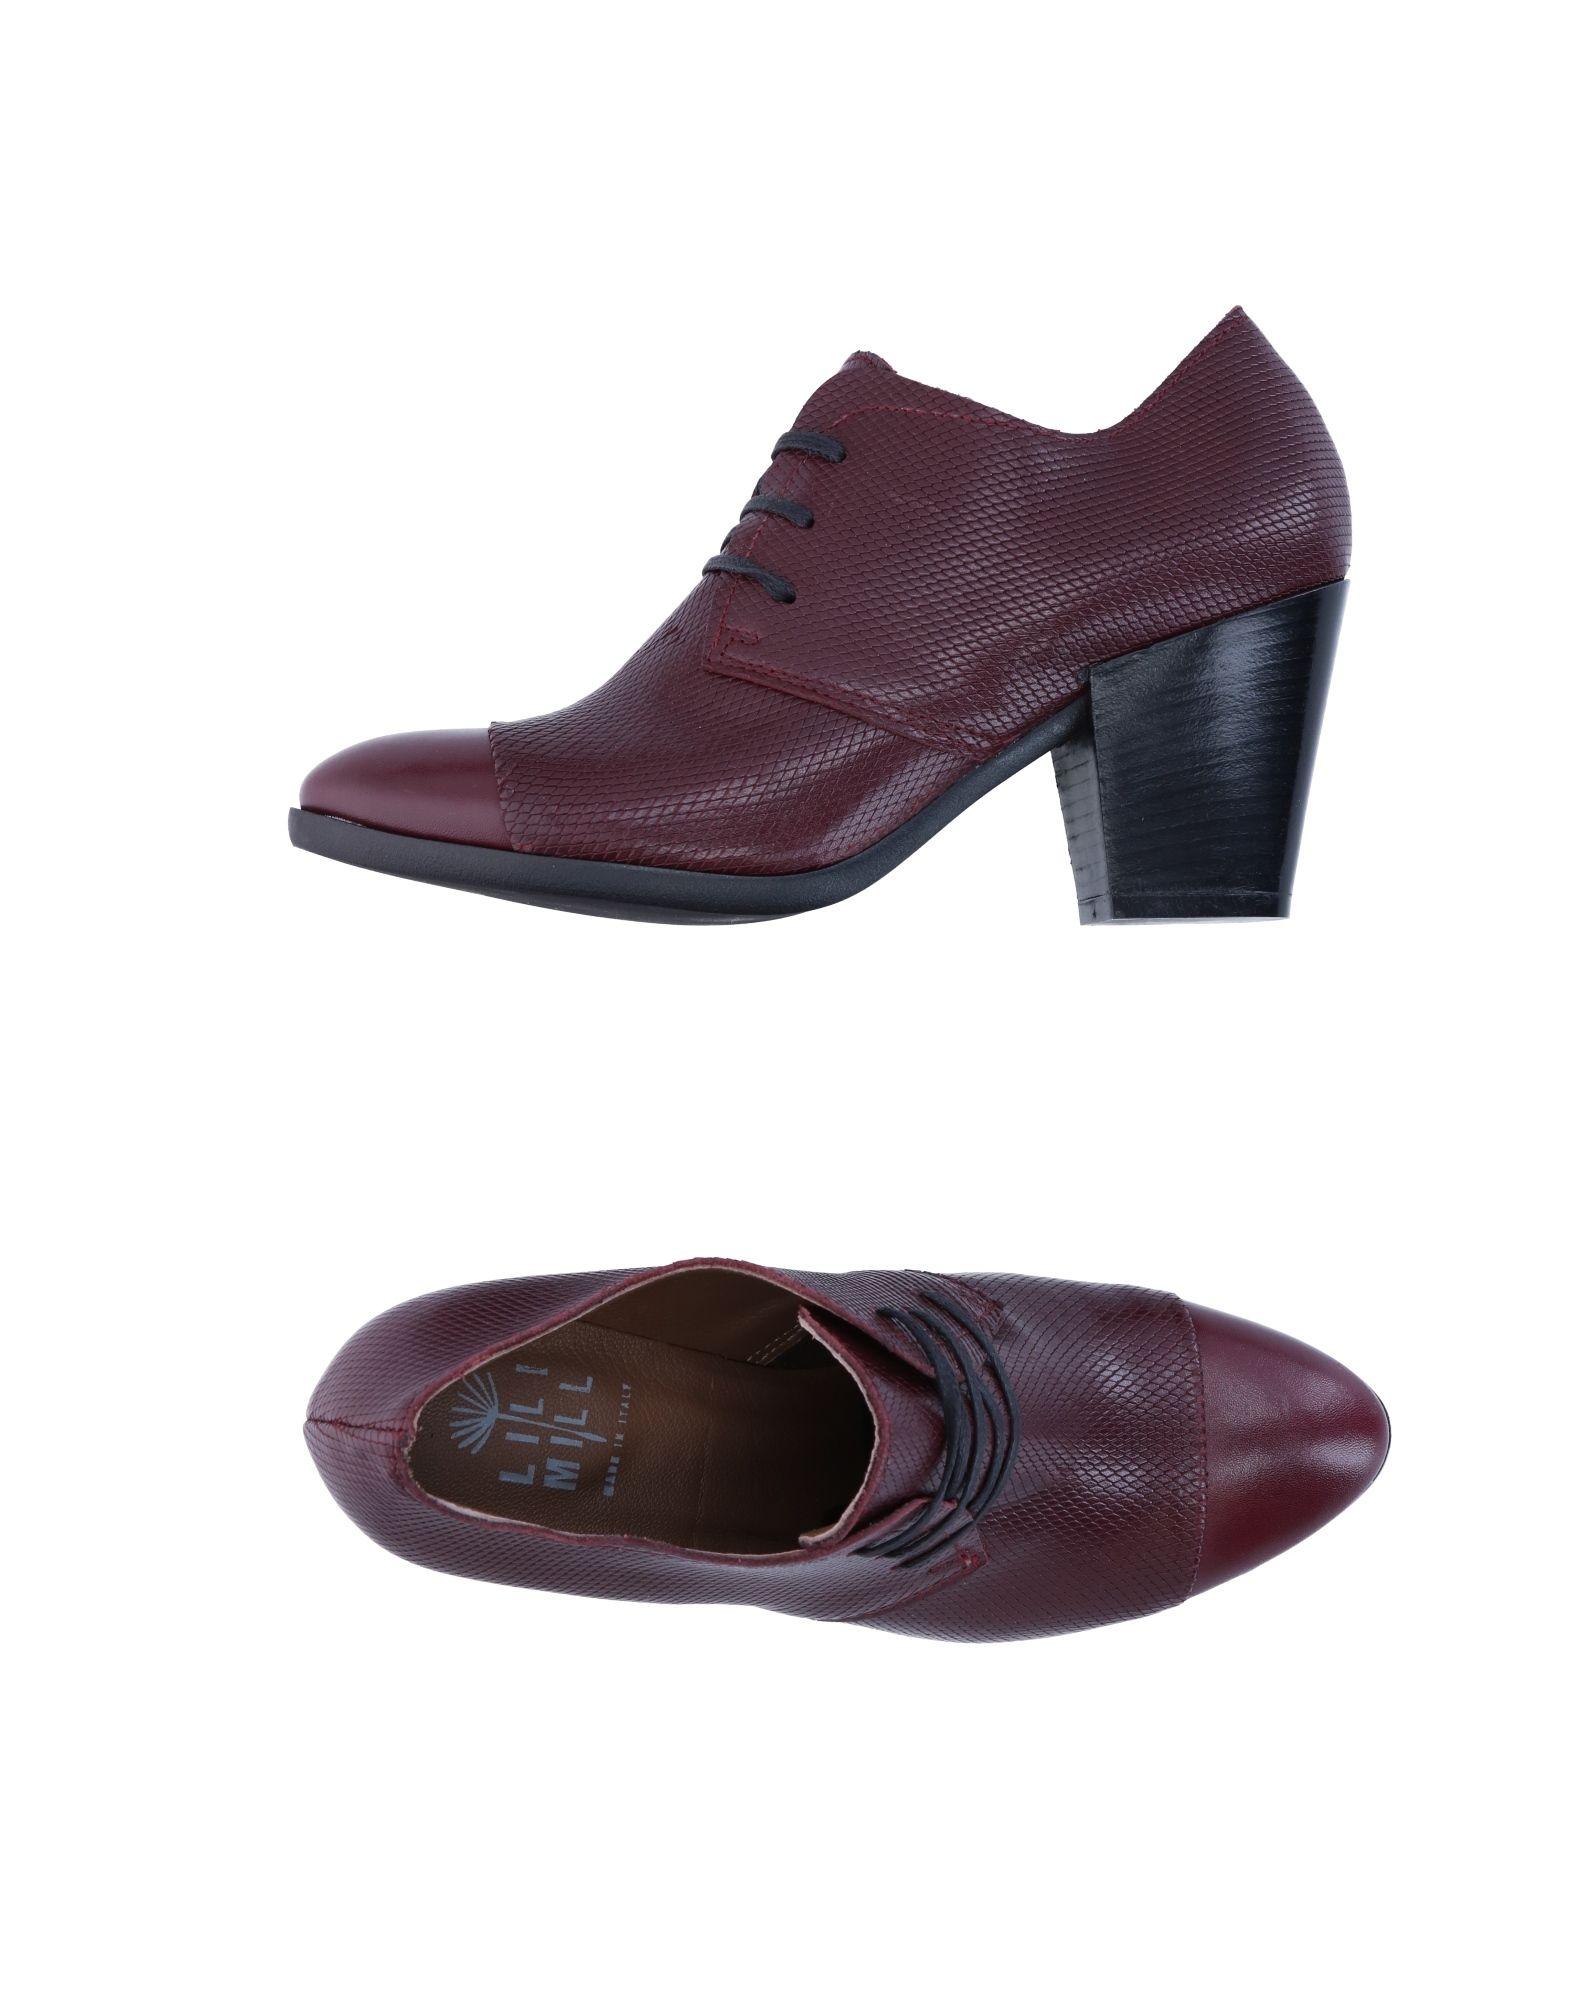 Lilimill Schnürschuhe Damen  11269249NQ Gute Qualität beliebte Schuhe